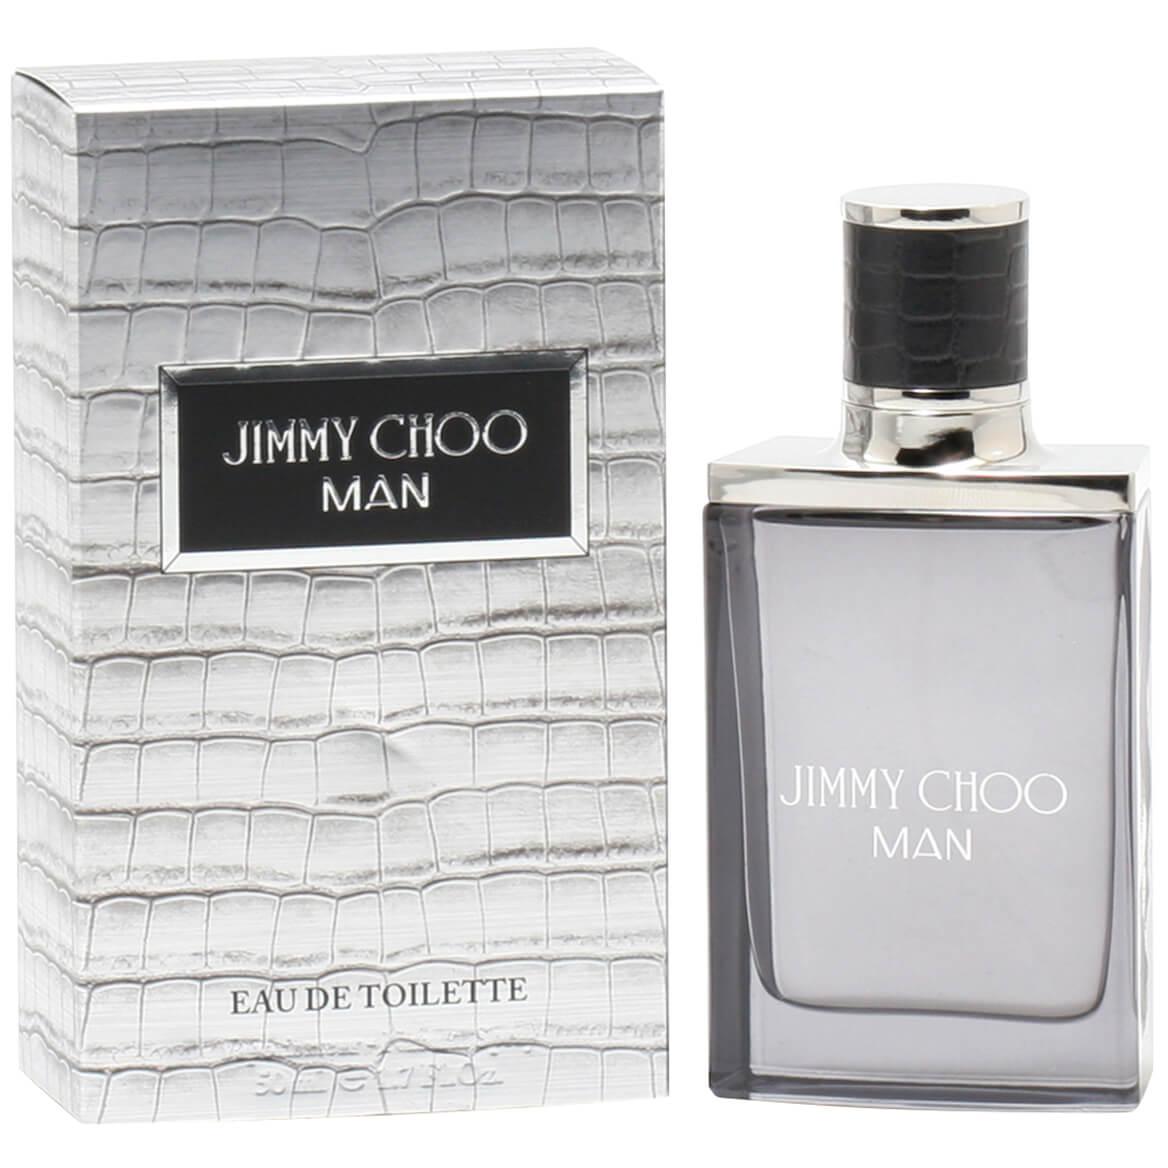 Jimmy Choo Man for Men EDT, 1.7 oz.-366854